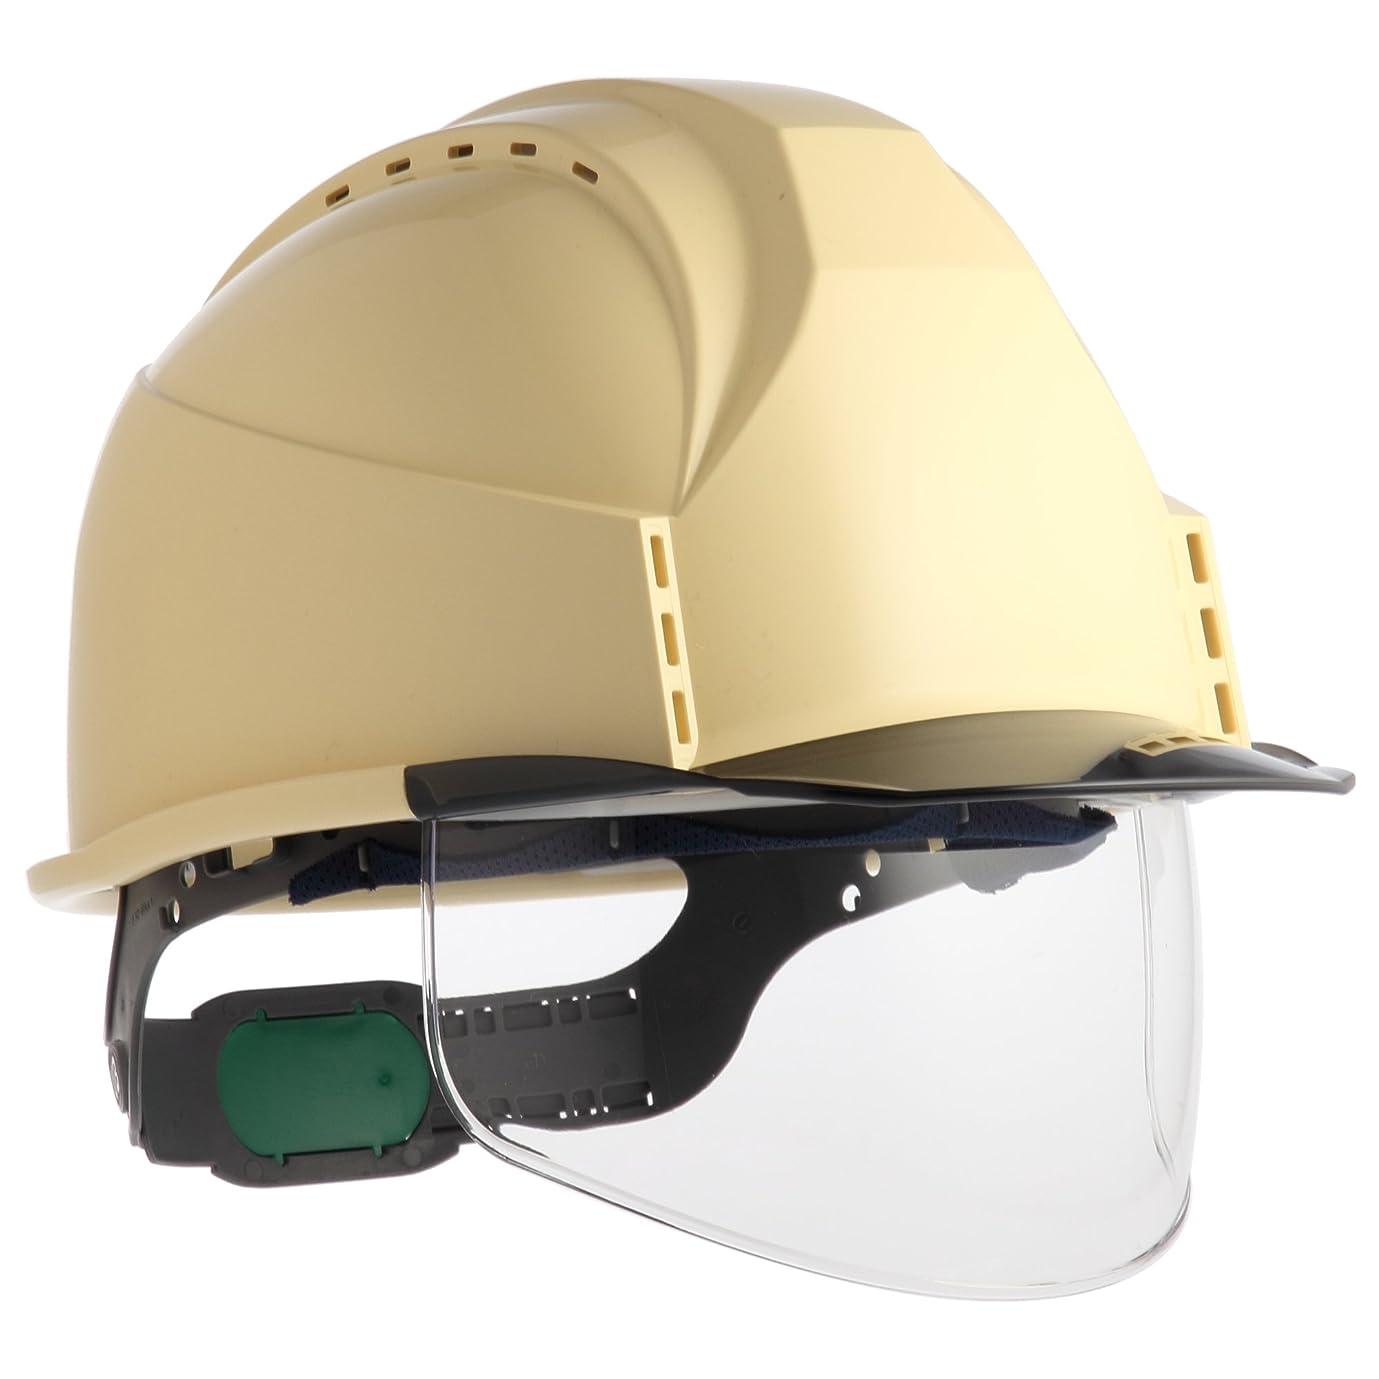 あごひげ順応性のあるタブレット住ベテクノプラスチック ヘルメットKKC3シリーズ 通気孔付?透明ひさし?スチロールライナー付?クリーム/スモーク KKC3S-B-CR-S